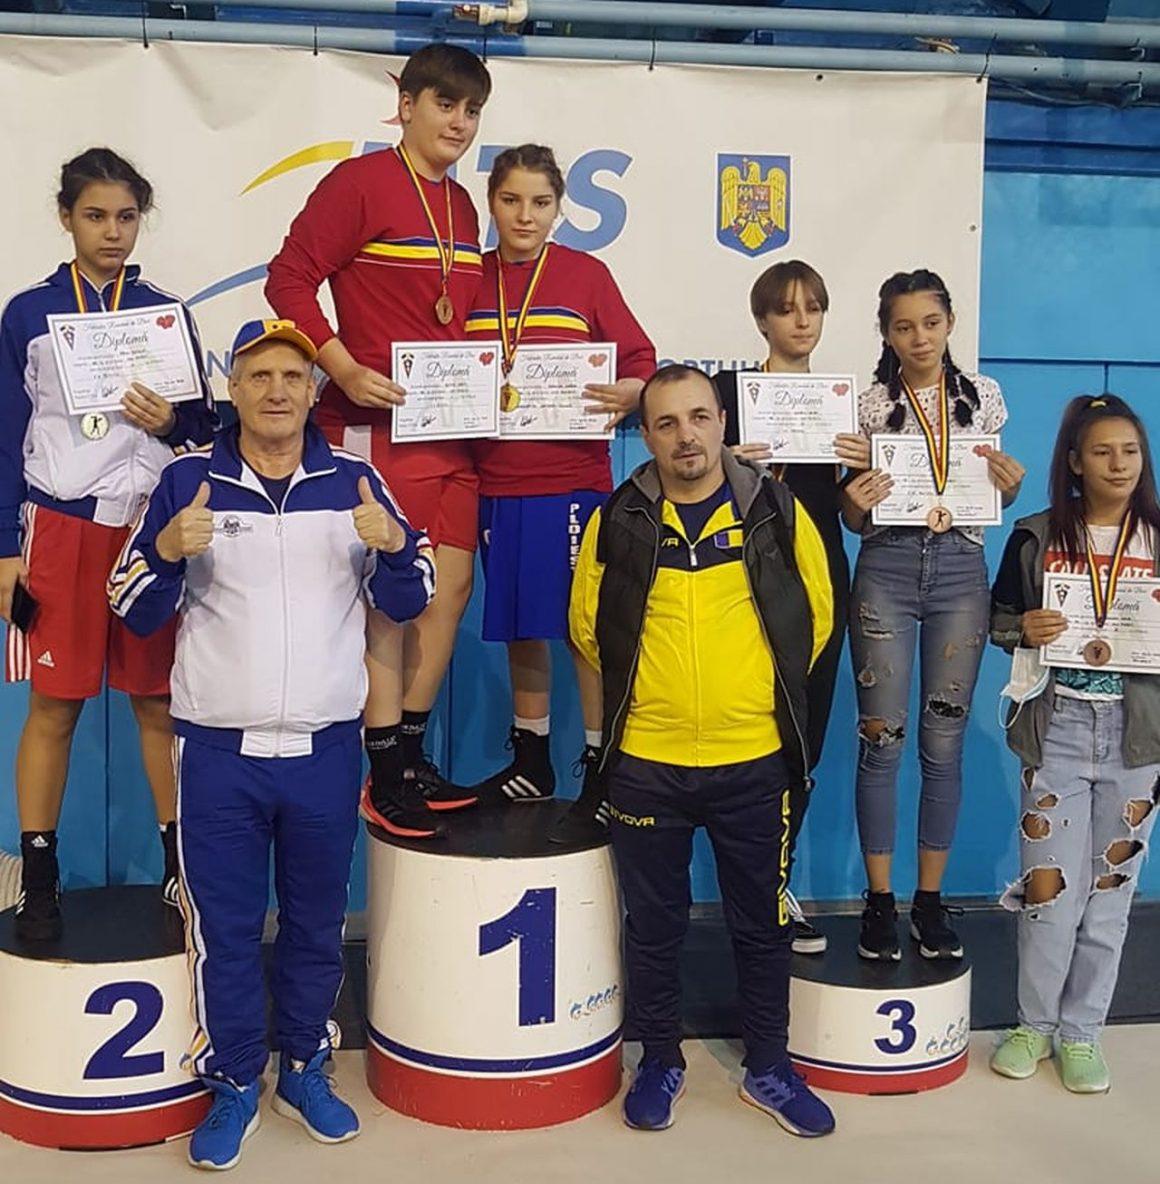 Sportivele de la CSM Ploieşti, şase medalii obţinute la Campionatul Naţional de Box feminin!